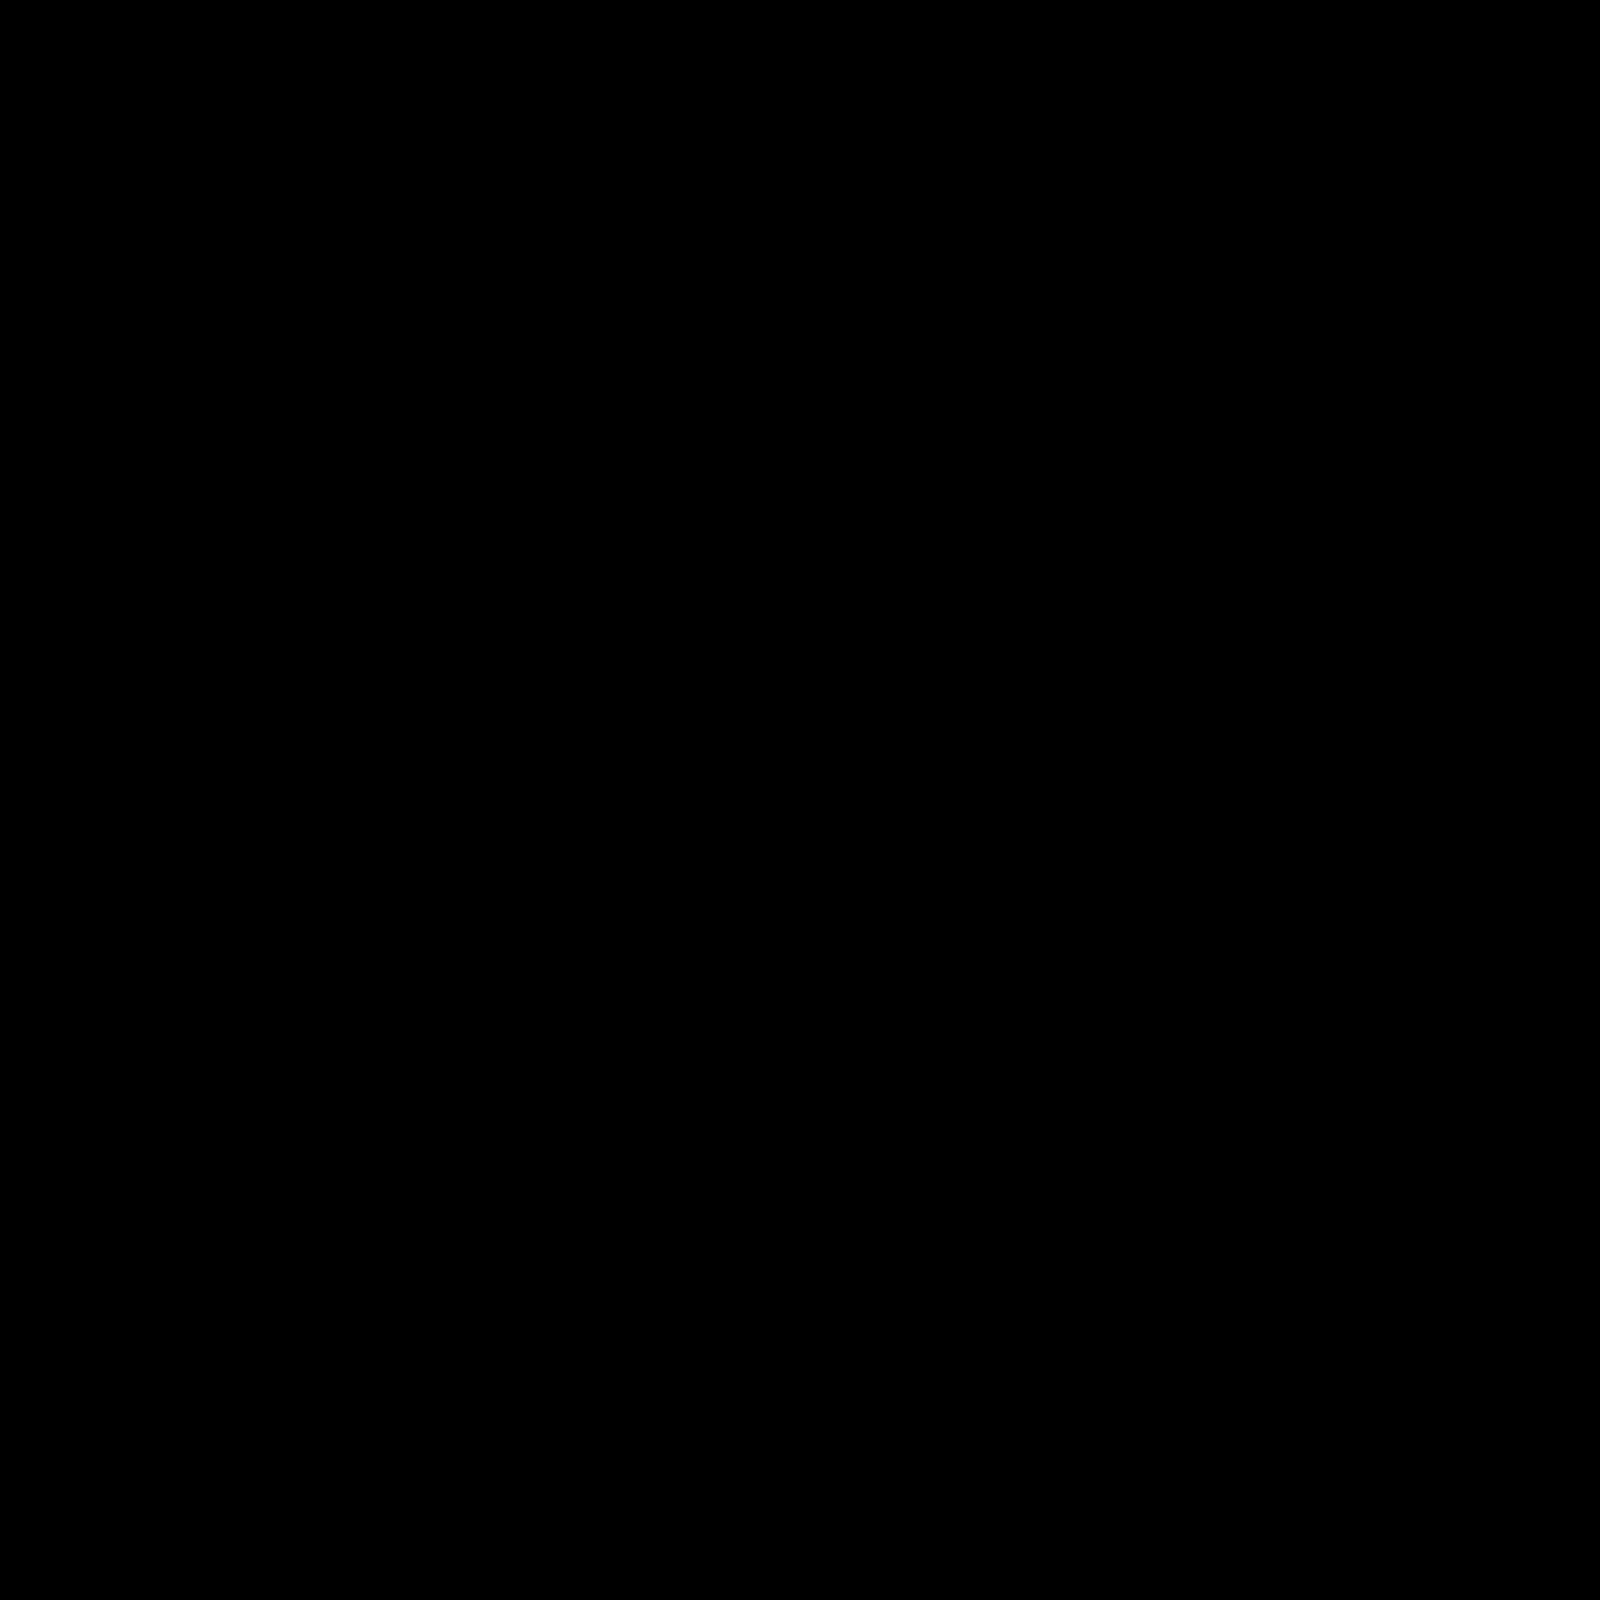 koło z cienkim obrysem icon